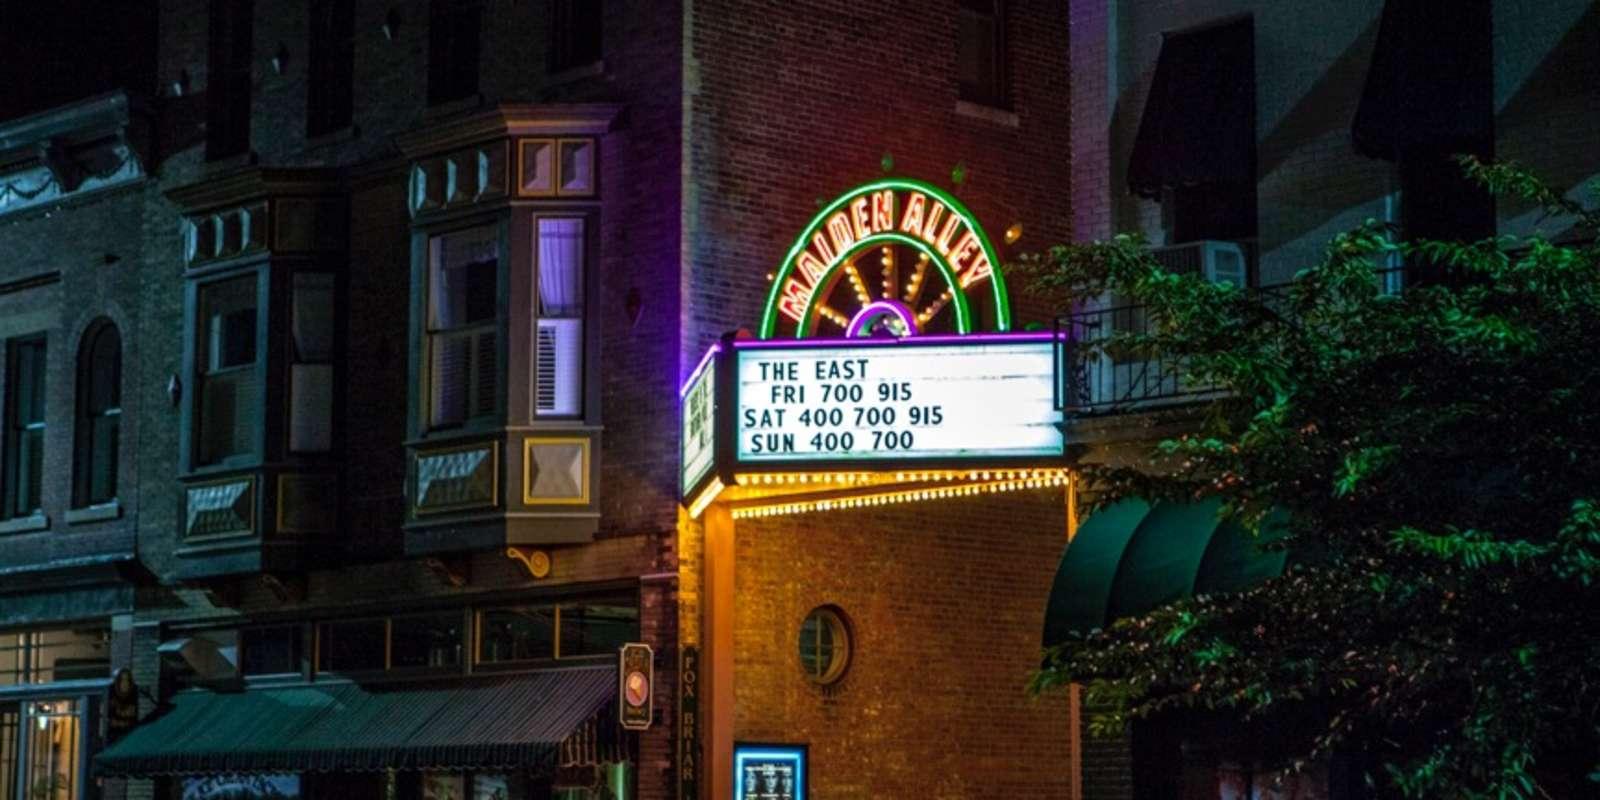 Maiden Alley Cinema